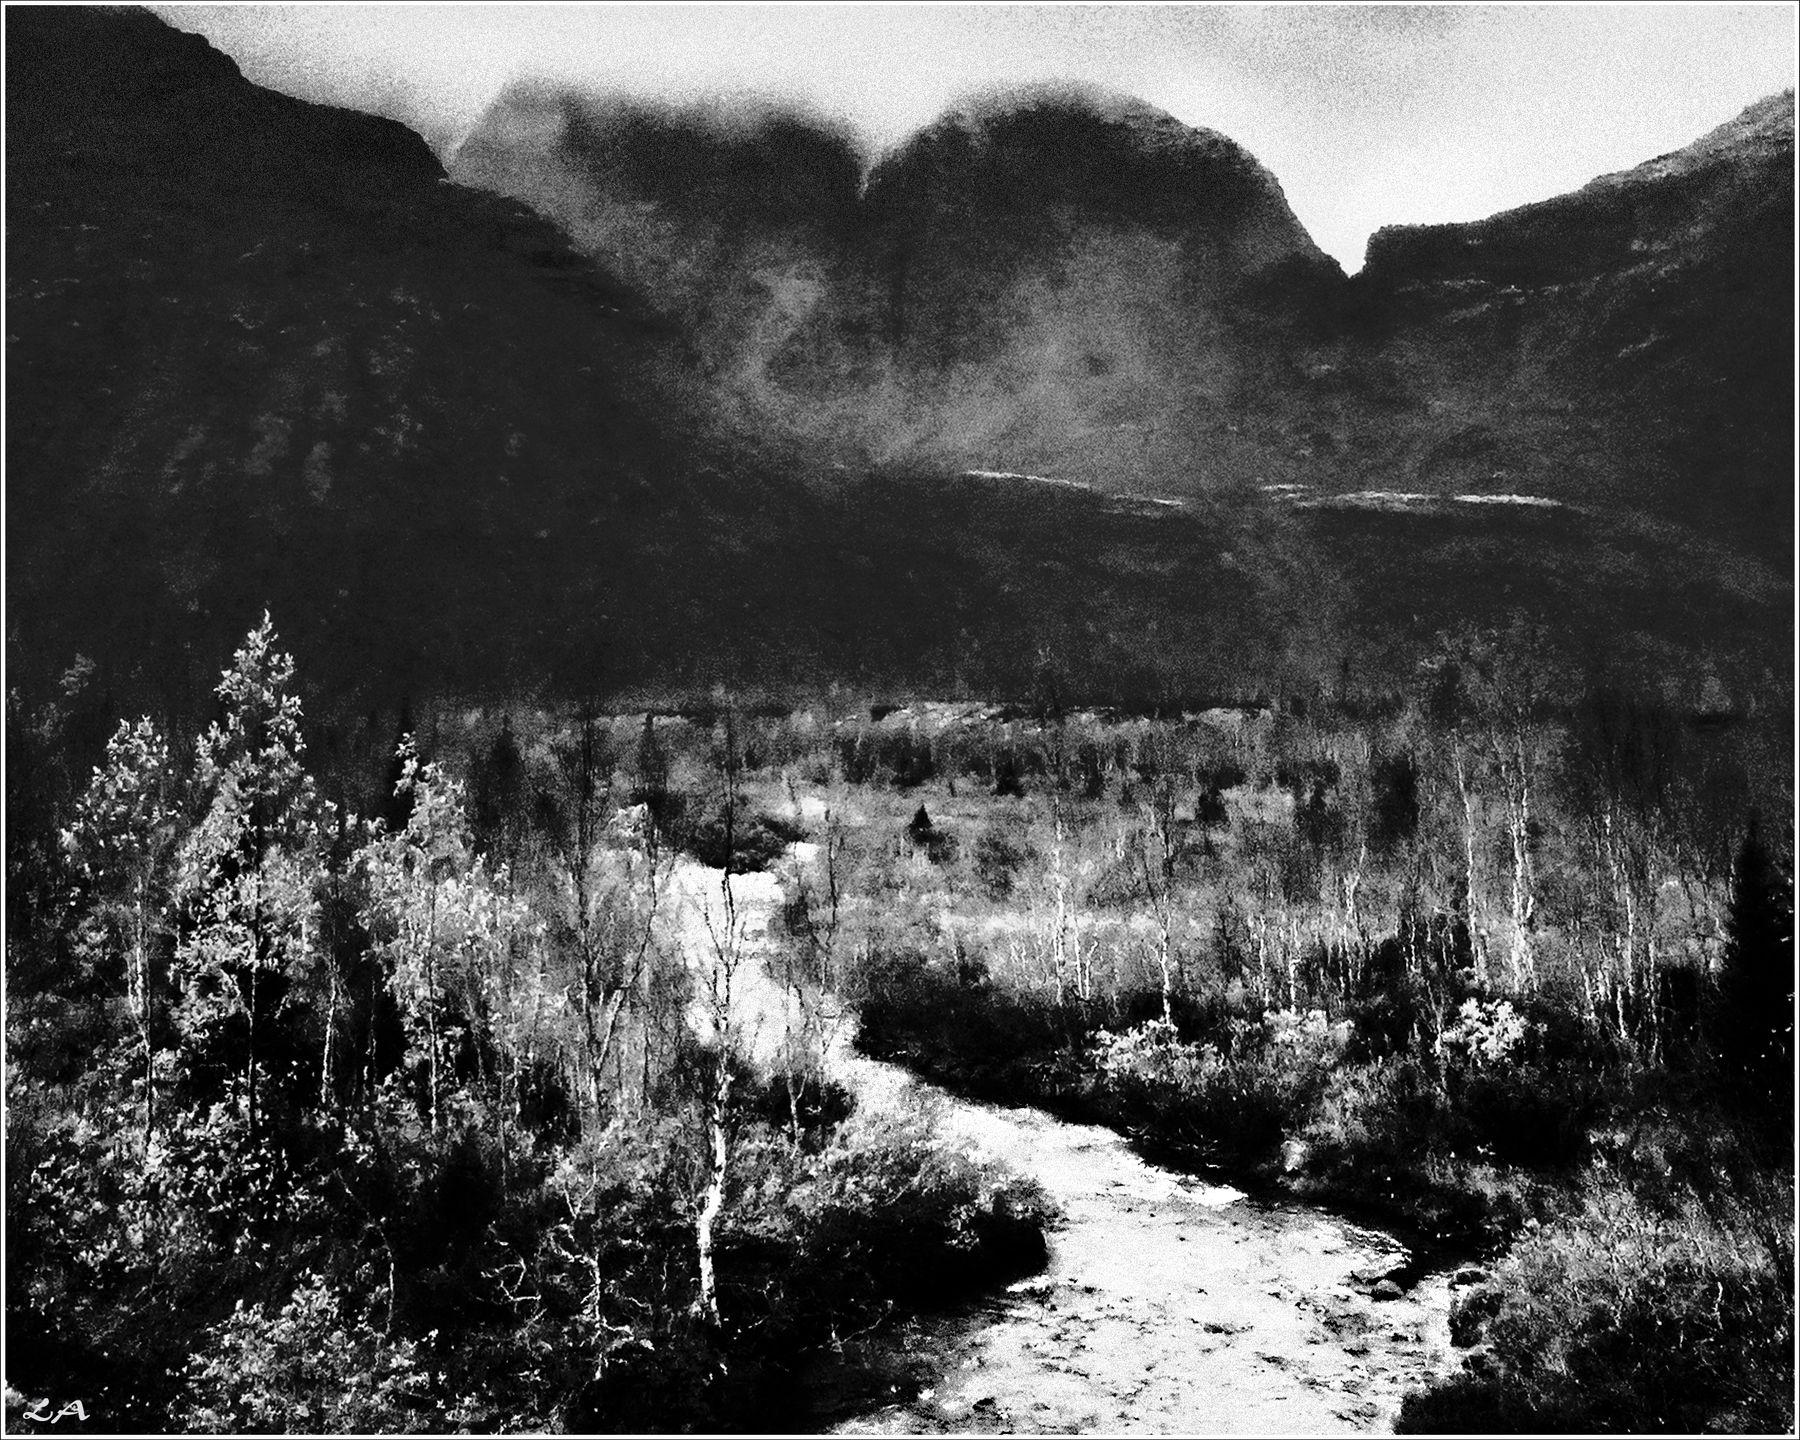 *Мрачный горный пейзаж* фотография путешествие горы Кольский полуостров осень пейзаж Север Заполярье Фото.Сайт Светлана Мамакина Lihgra Adventure